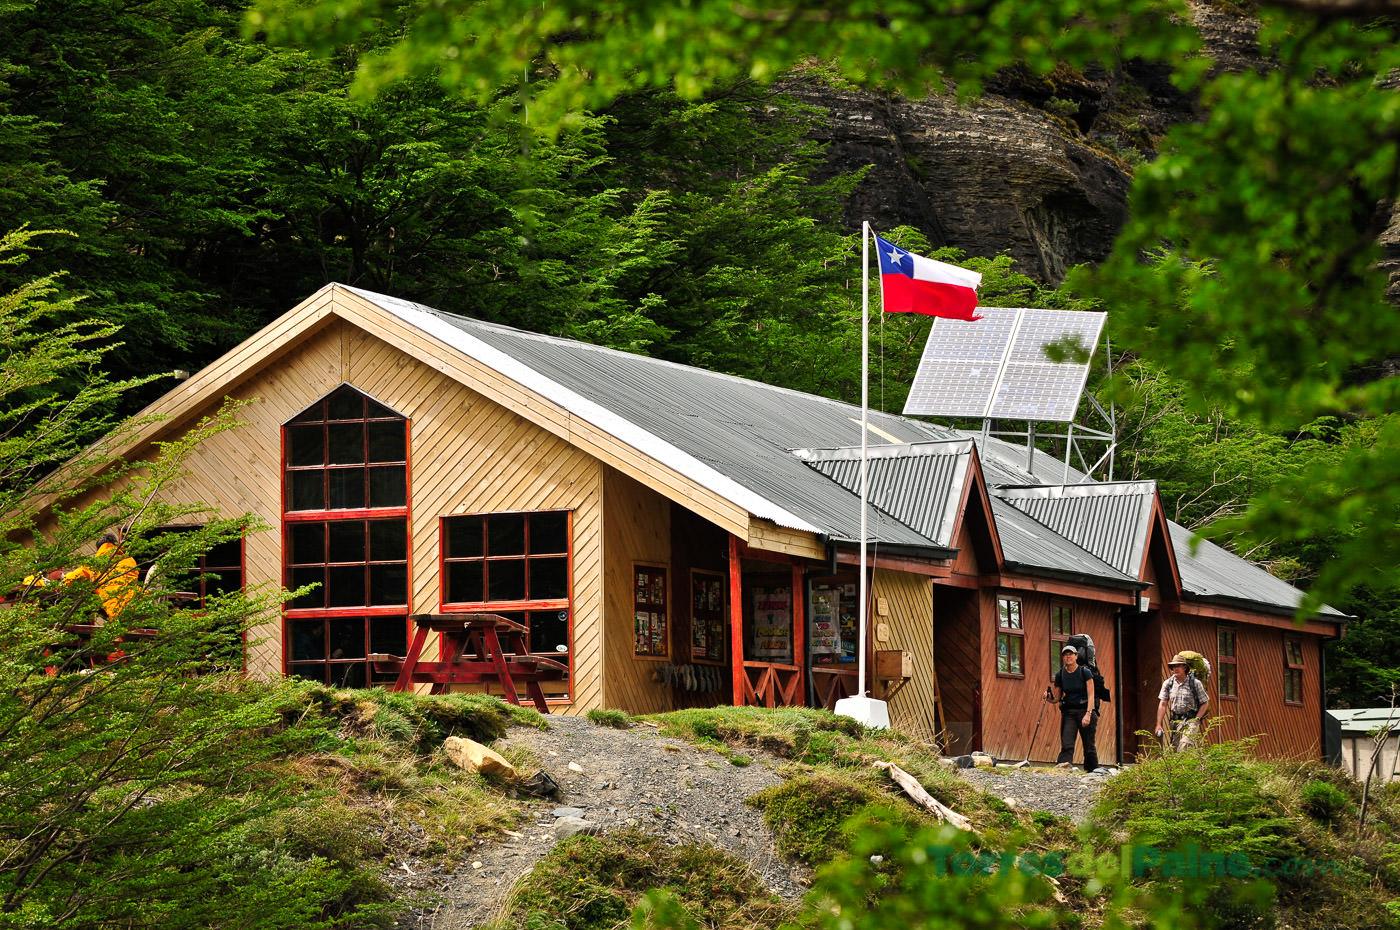 Refugio de madera enmedio del bosque en Torres del Paine